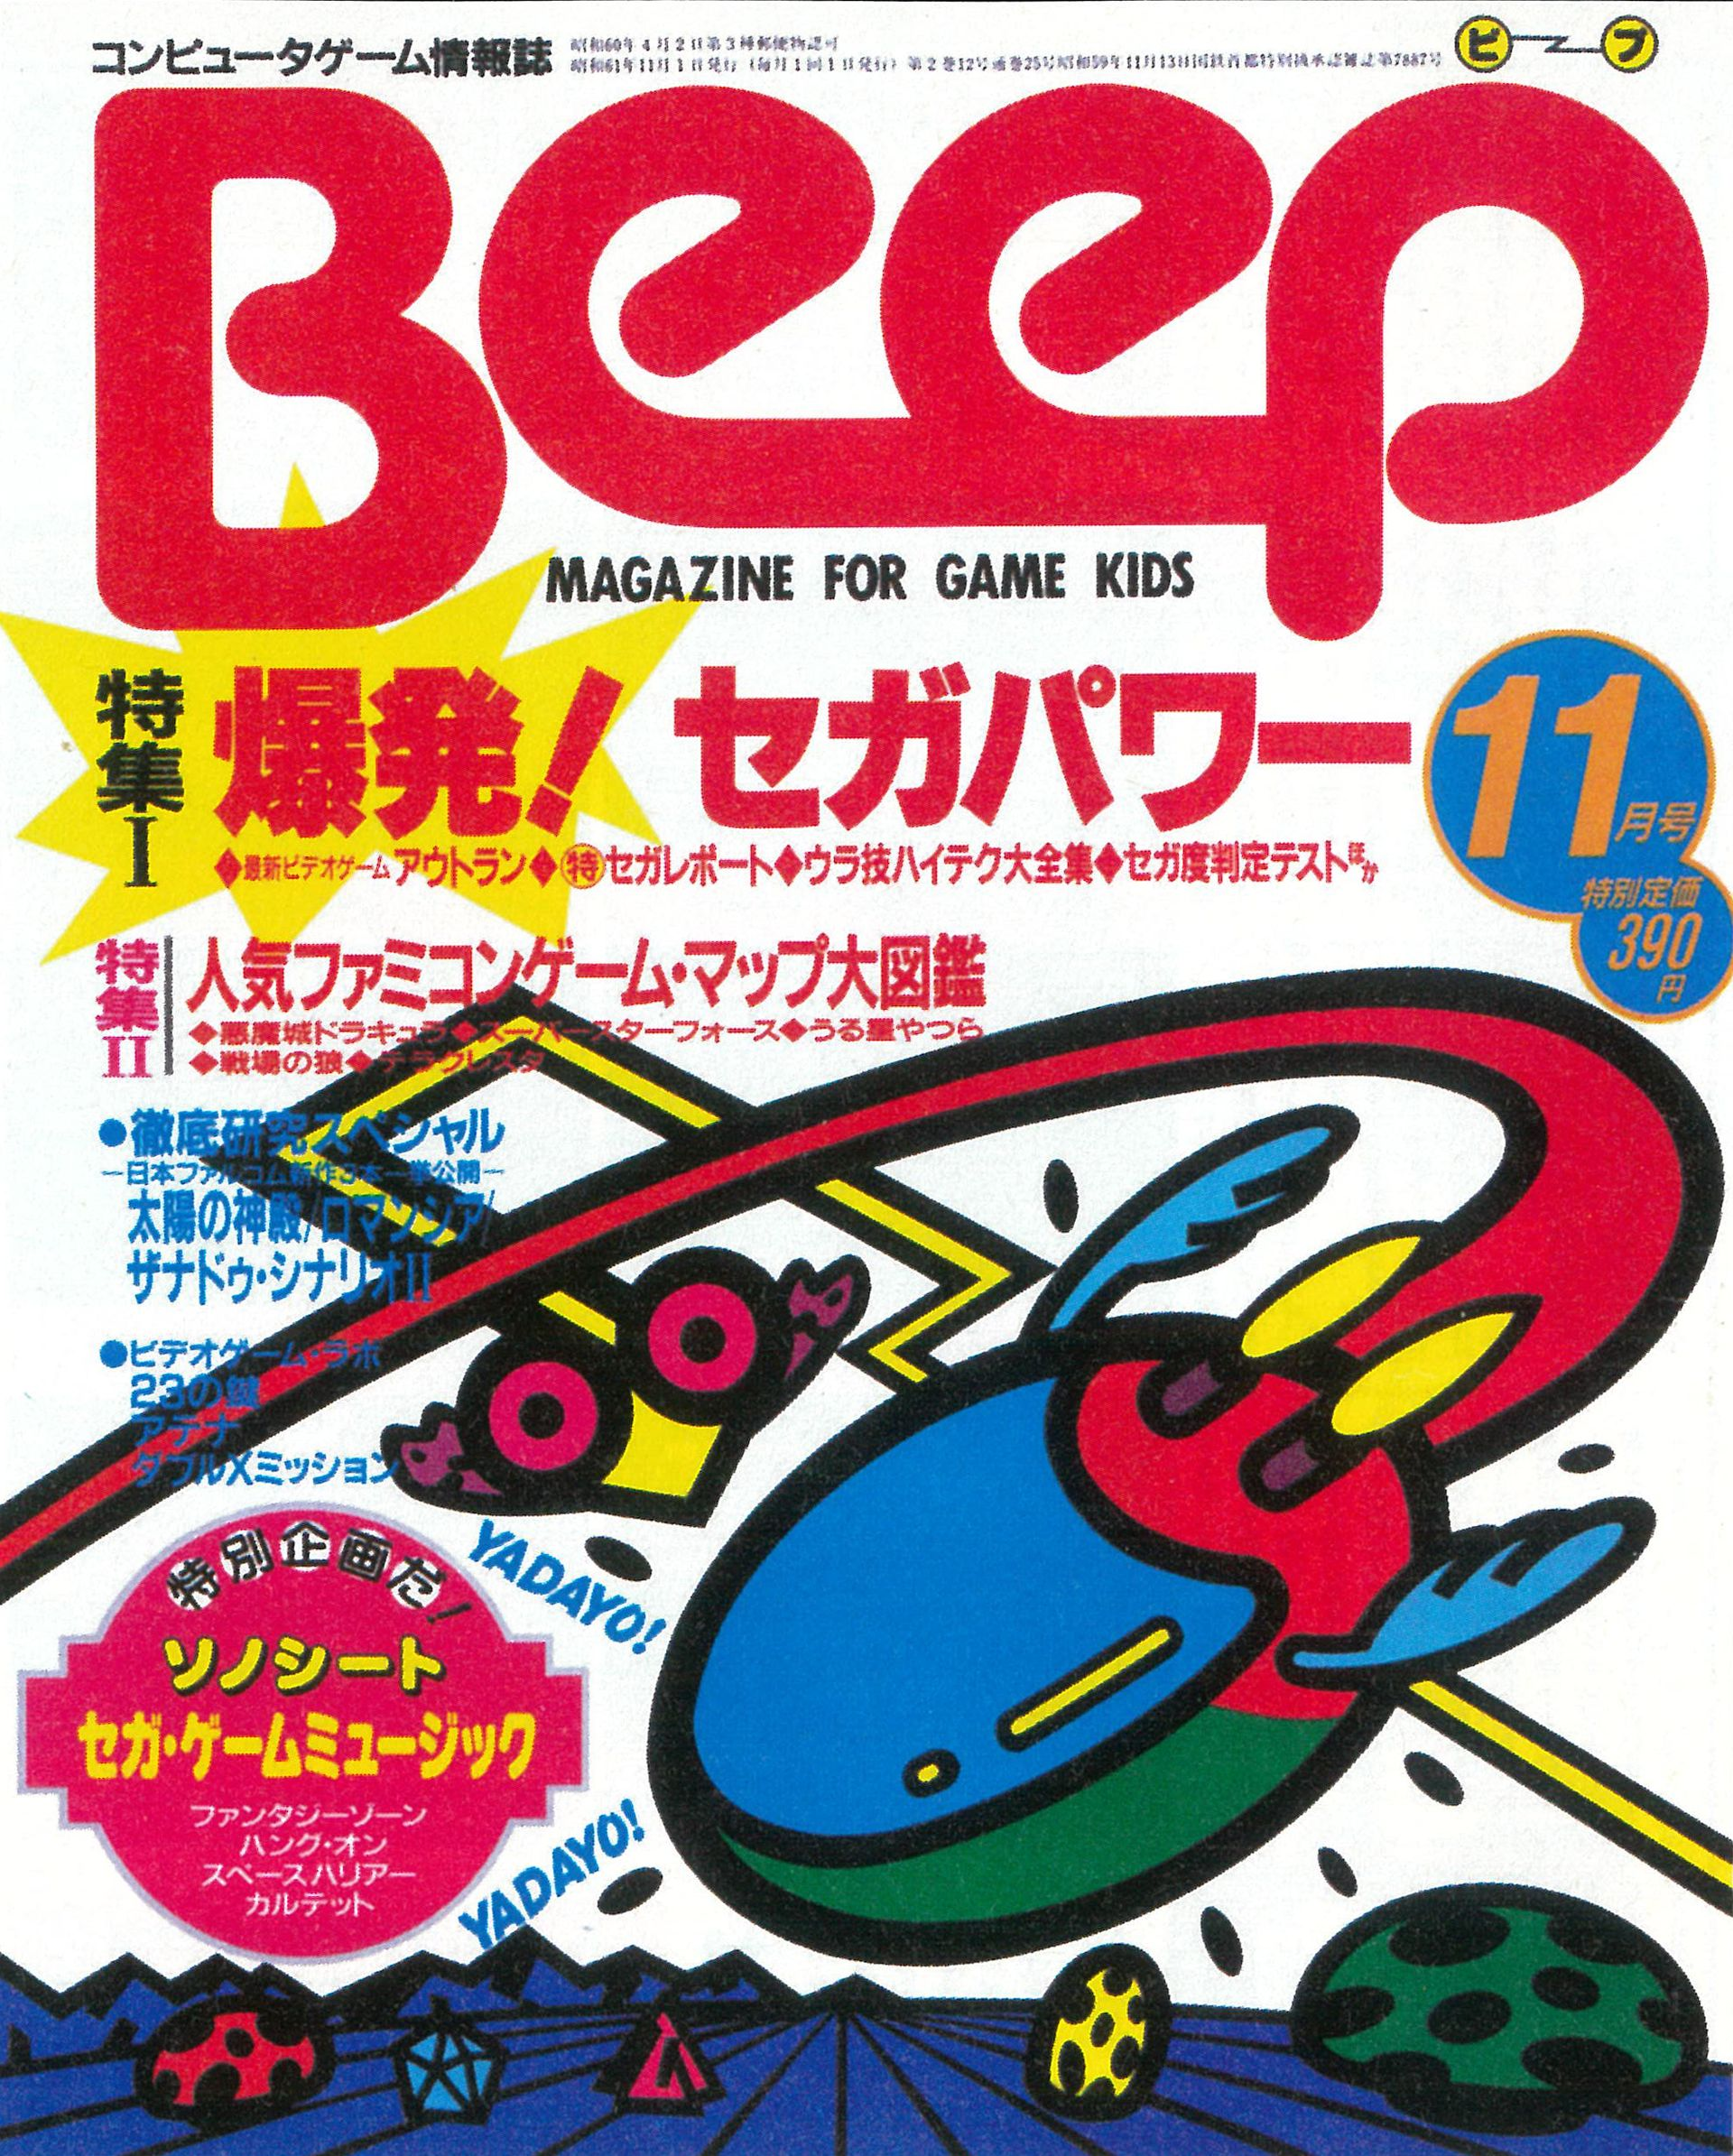 サムシング吉松先生も愛読していた雑誌「Beep」。セガファンを多く集め、その後「BEEP!メガドライブ」へと発展していく。なお、「Beep」の雑誌コードは「BEEP!メガドライブ」「セガサターンマガジン」「ドリームキャストマガジン」「ドリマガ」「ゲーマガ」へと受け継がれていく。実質的に同じ雑誌であり、サムシング吉松先生はかつての愛読誌に連載を持つこととなった